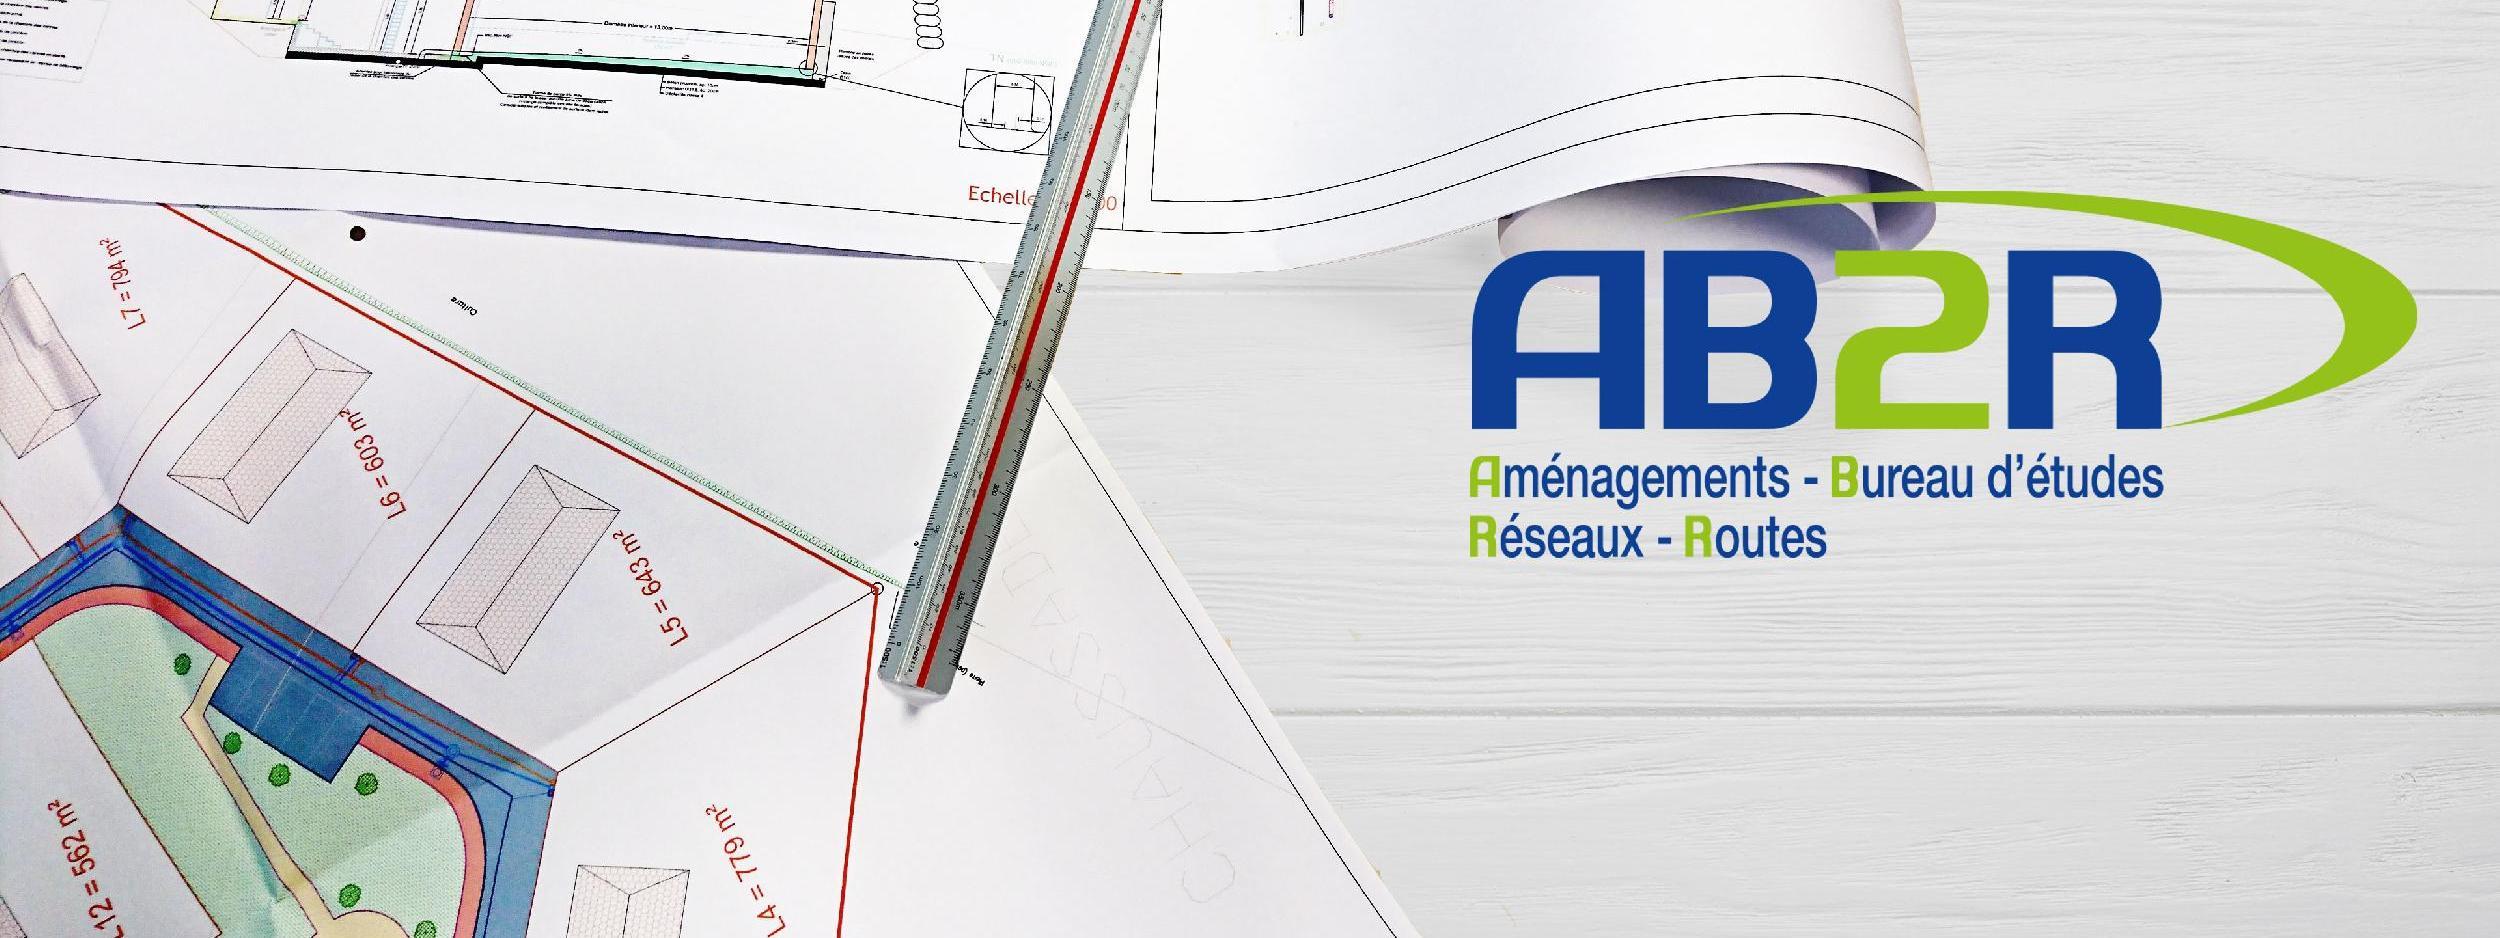 AB2R spécialiste ingénierie Haute-Loire